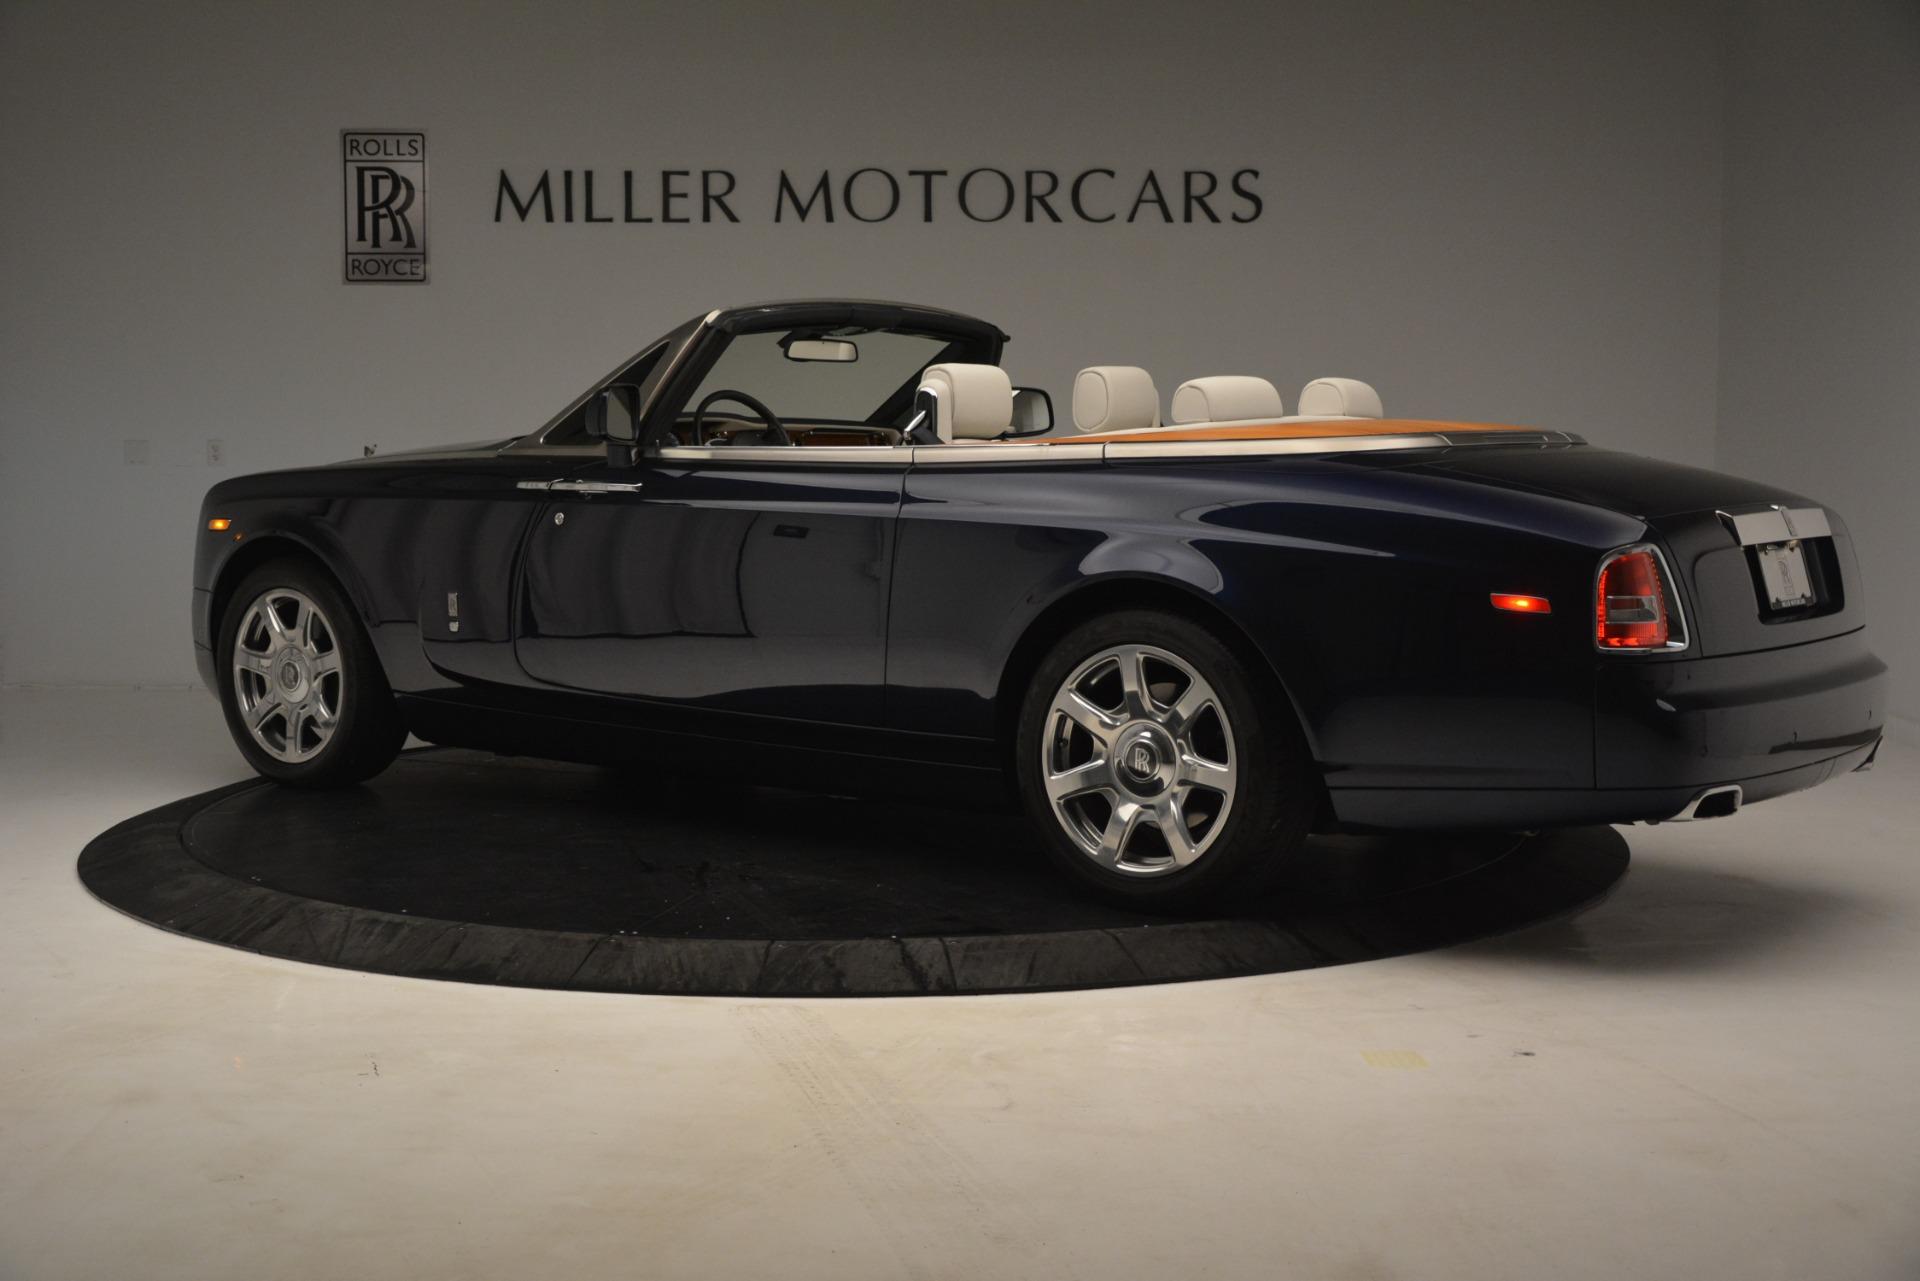 Used 2013 Rolls-Royce Phantom Drophead Coupe  For Sale In Westport, CT 2999_p6